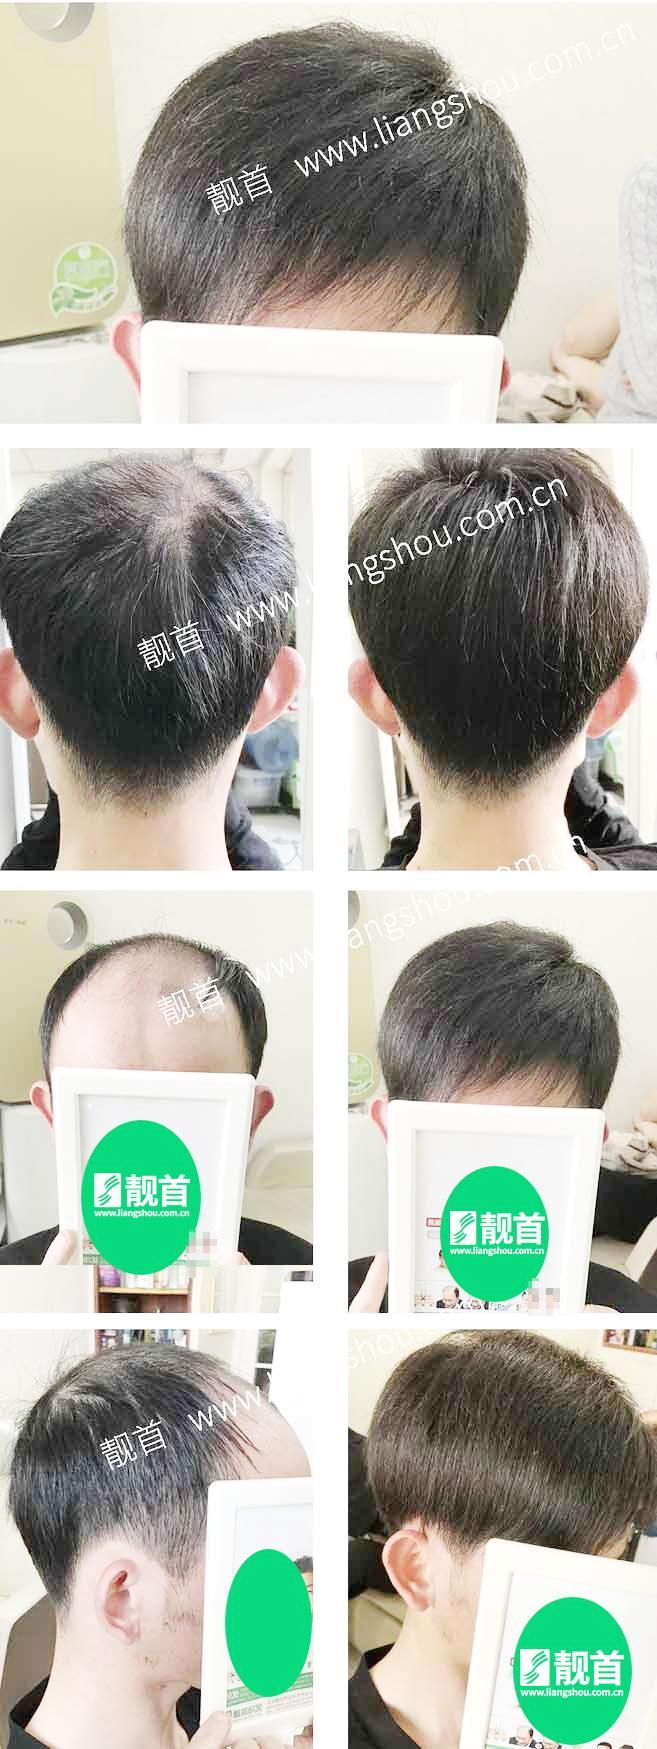 自由式-青年-中年-男士织发-补发-真人发假发-实拍案例